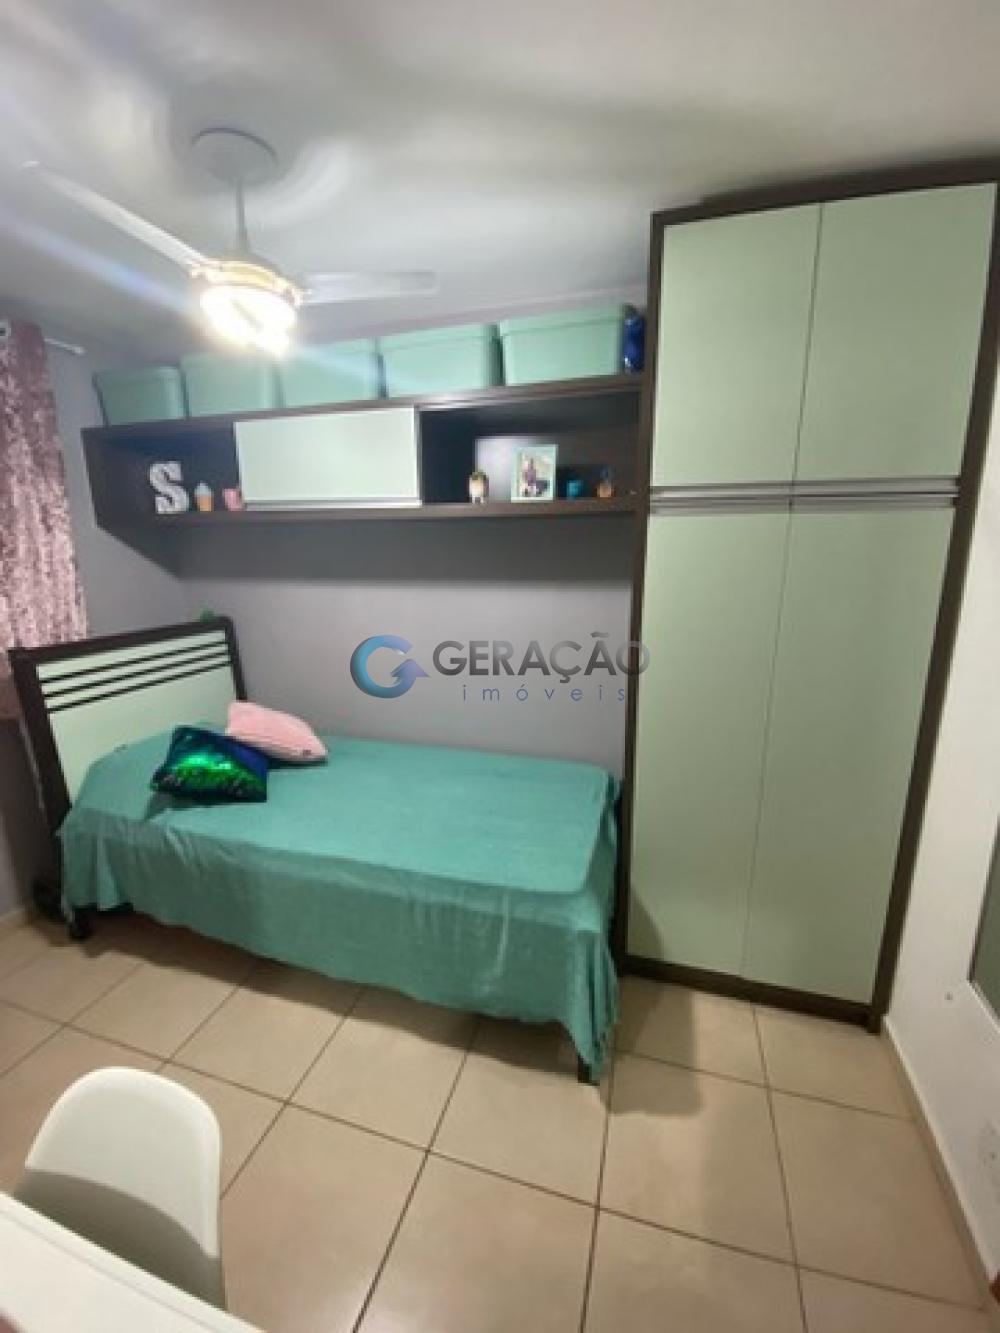 Comprar Apartamento / Padrão em São José dos Campos R$ 300.000,00 - Foto 8